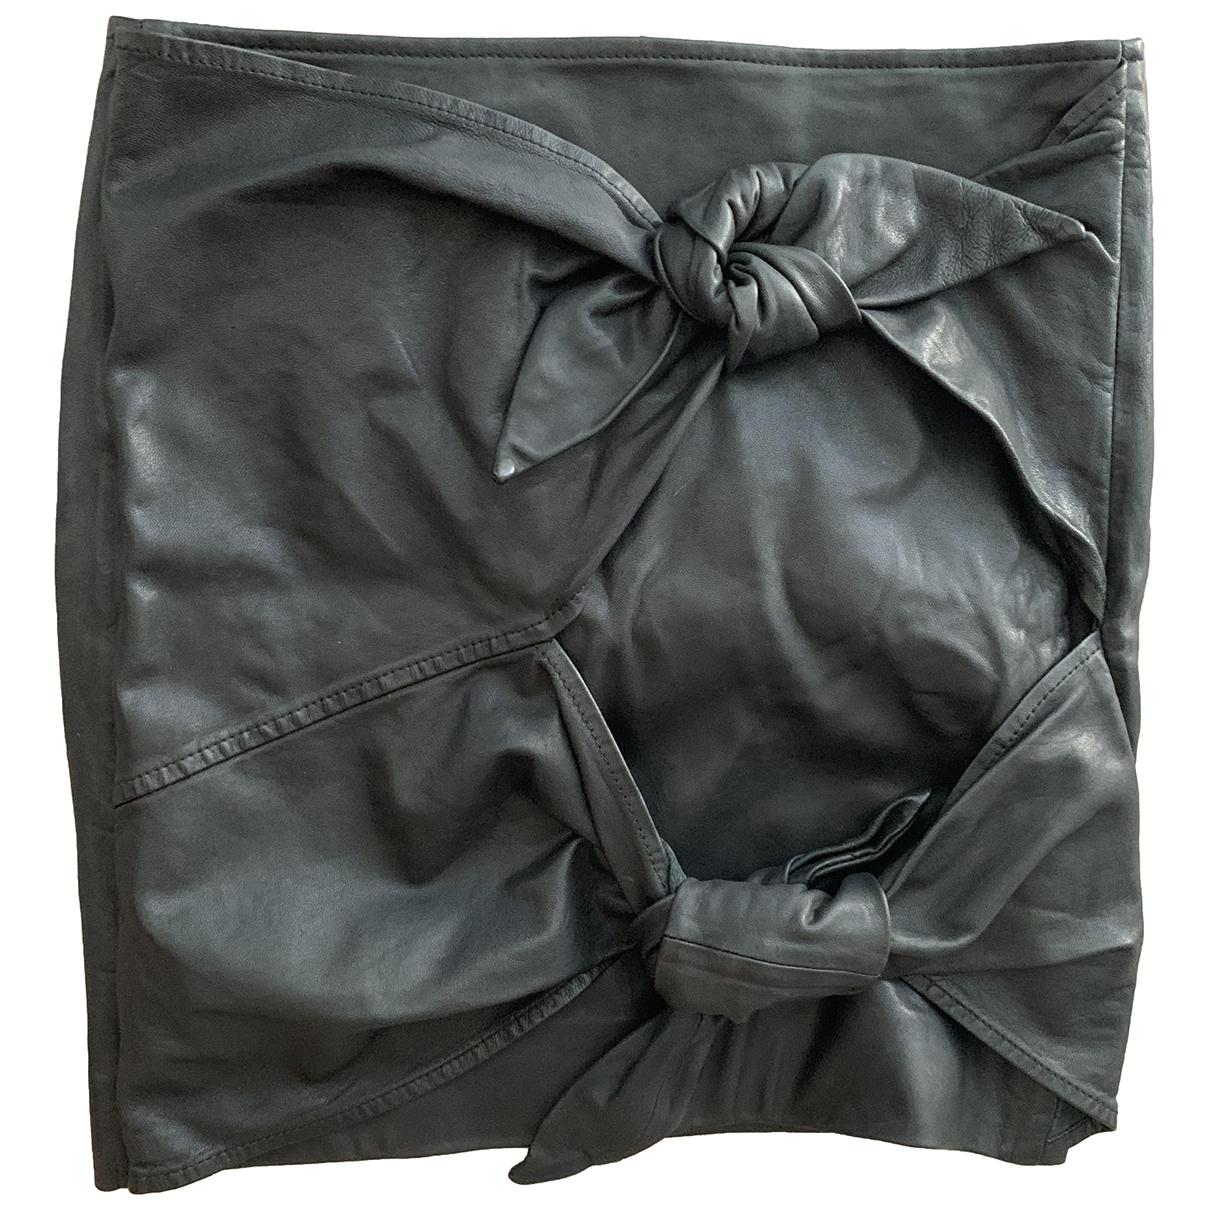 Isabel Marant Etoile \N Black Leather skirt for Women 34 FR